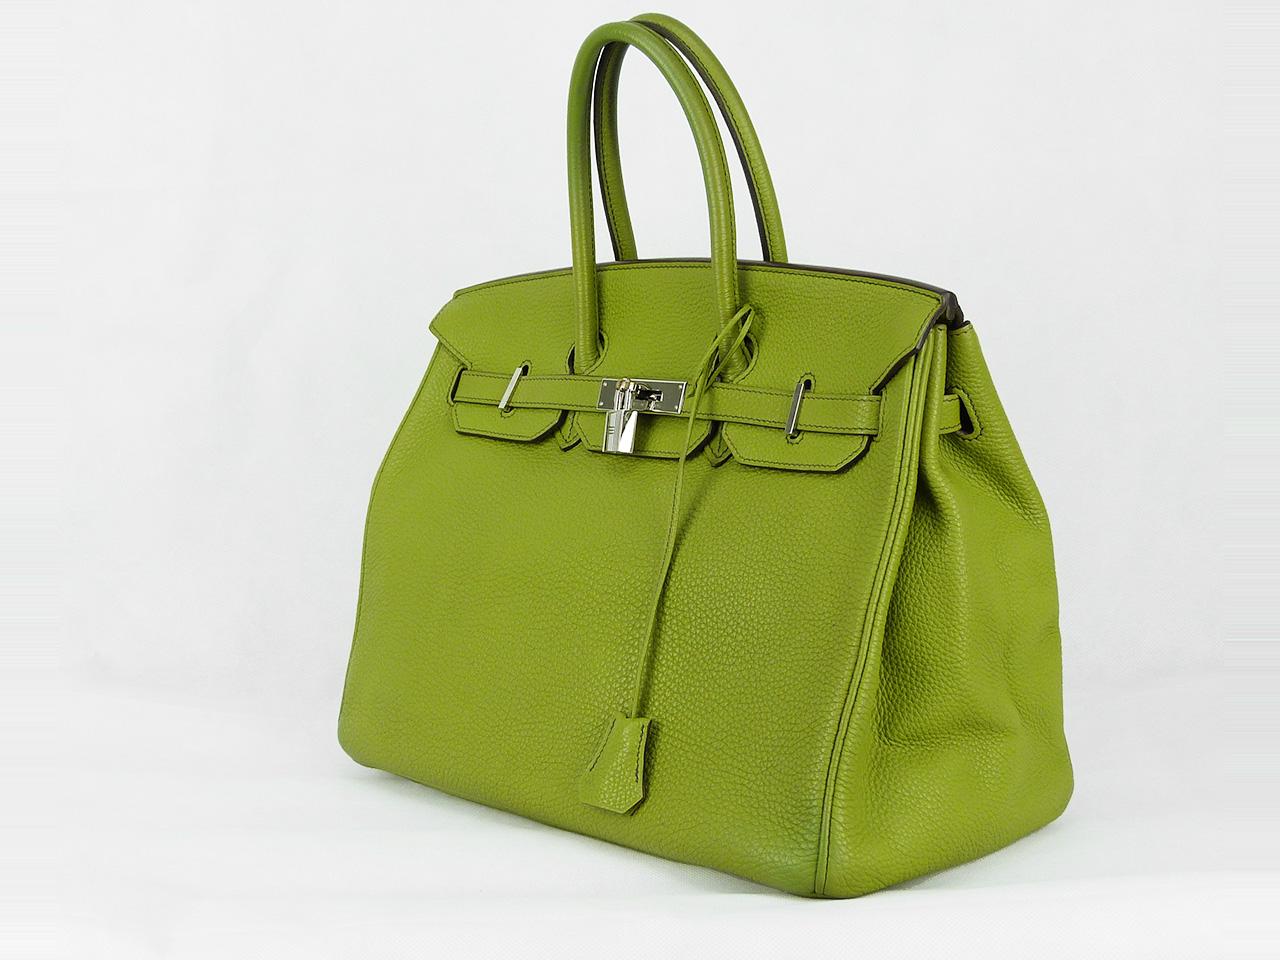 Sac à main Hermès Birkin 35 Authentique d'occasion en cuir togo couleur estivale vert